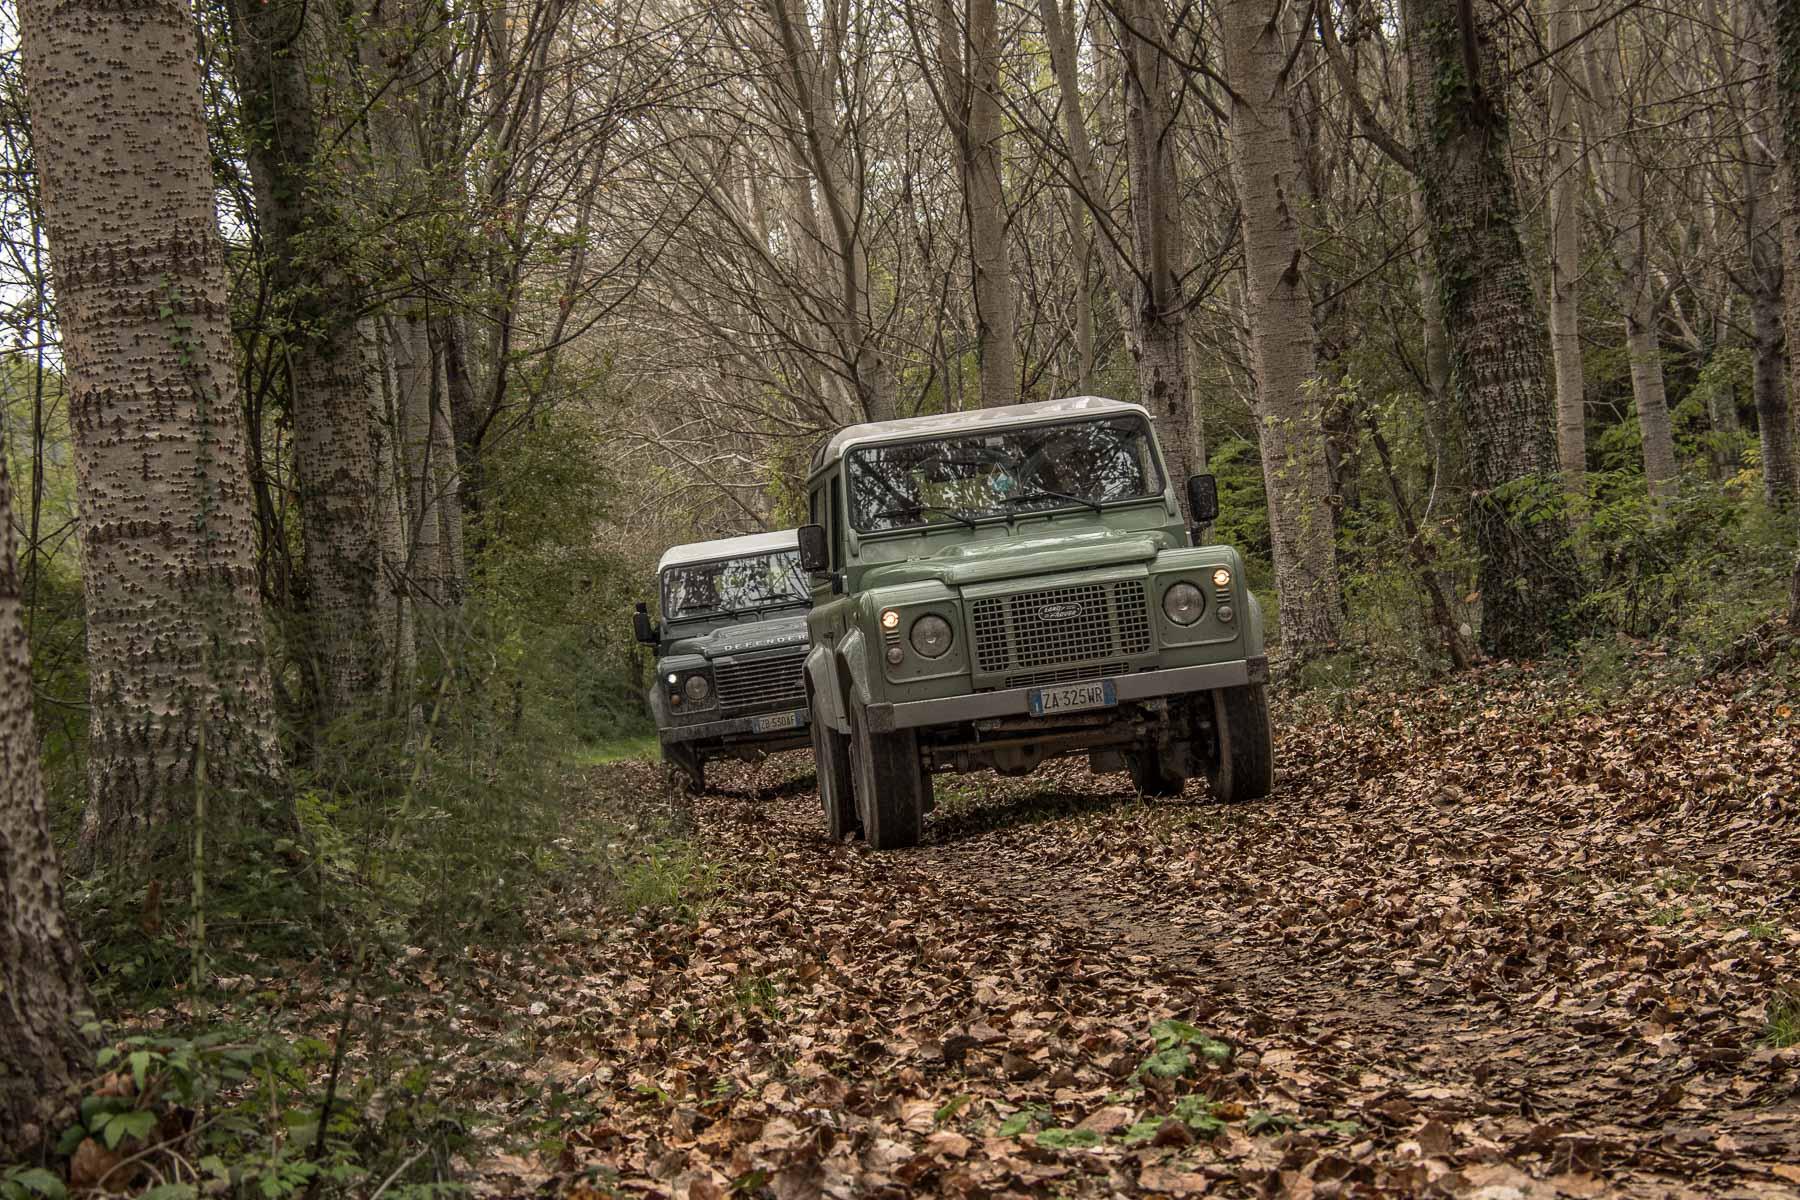 Land-Rover-Experience-Italia-Registro-Italiano-Land-Rover-Tirreno-Adriatica-2020-180